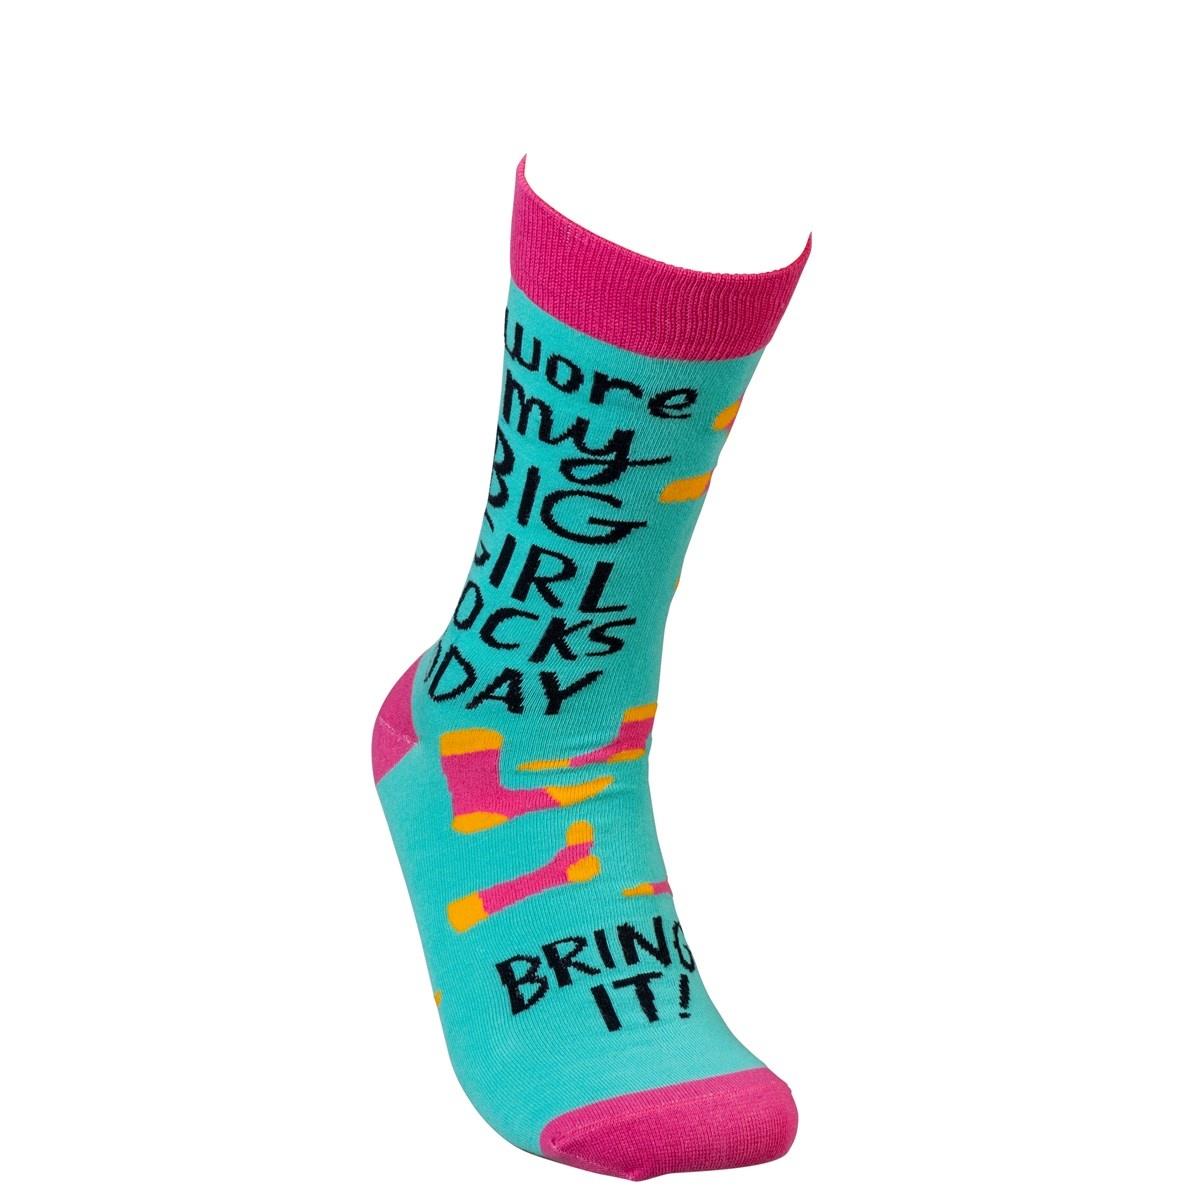 Big Girl Socks Today Socks